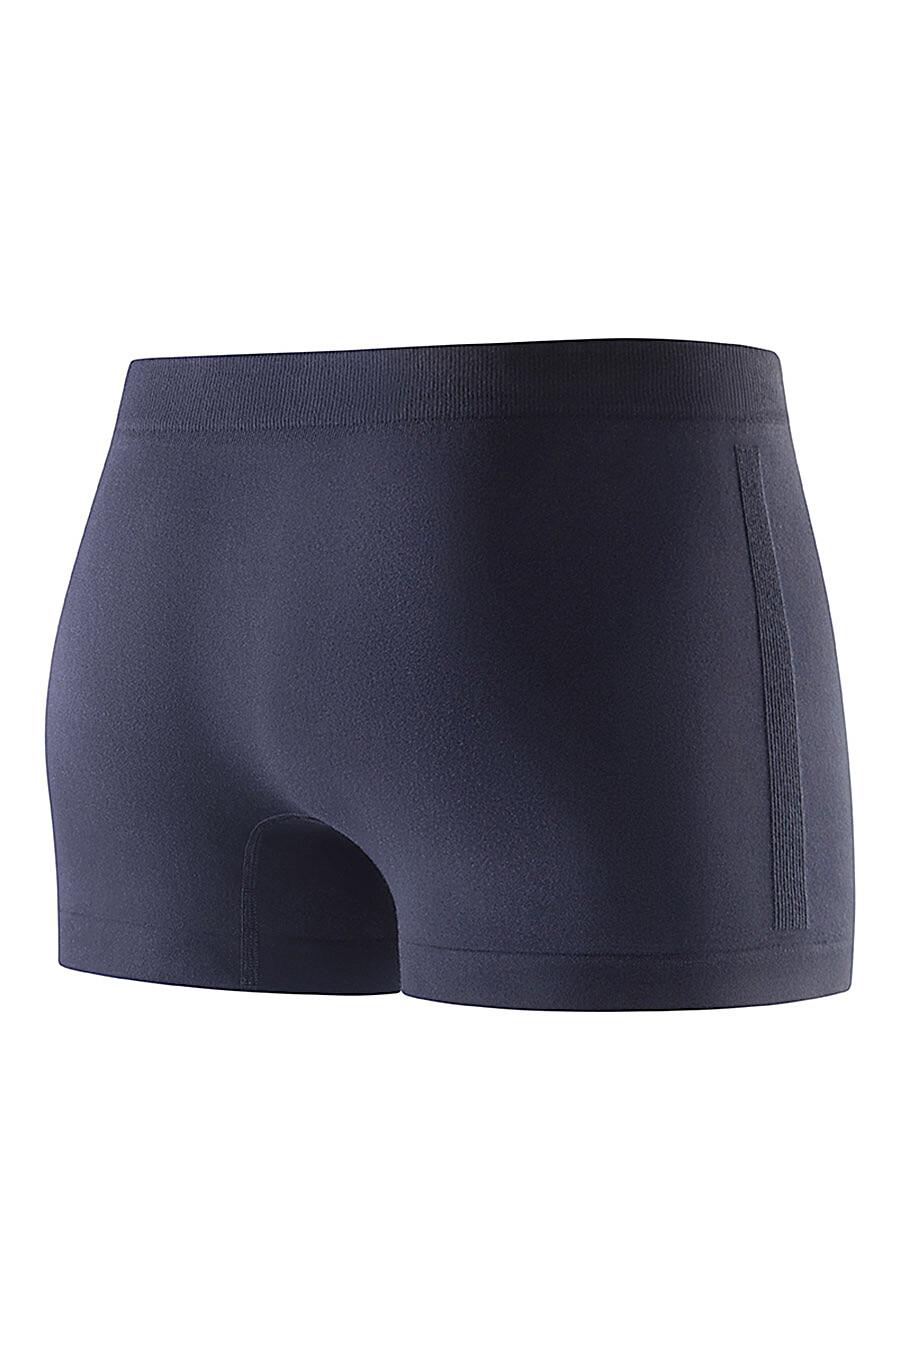 Трусы для мужчин TEKSA 218698 купить оптом от производителя. Совместная покупка мужской одежды в OptMoyo